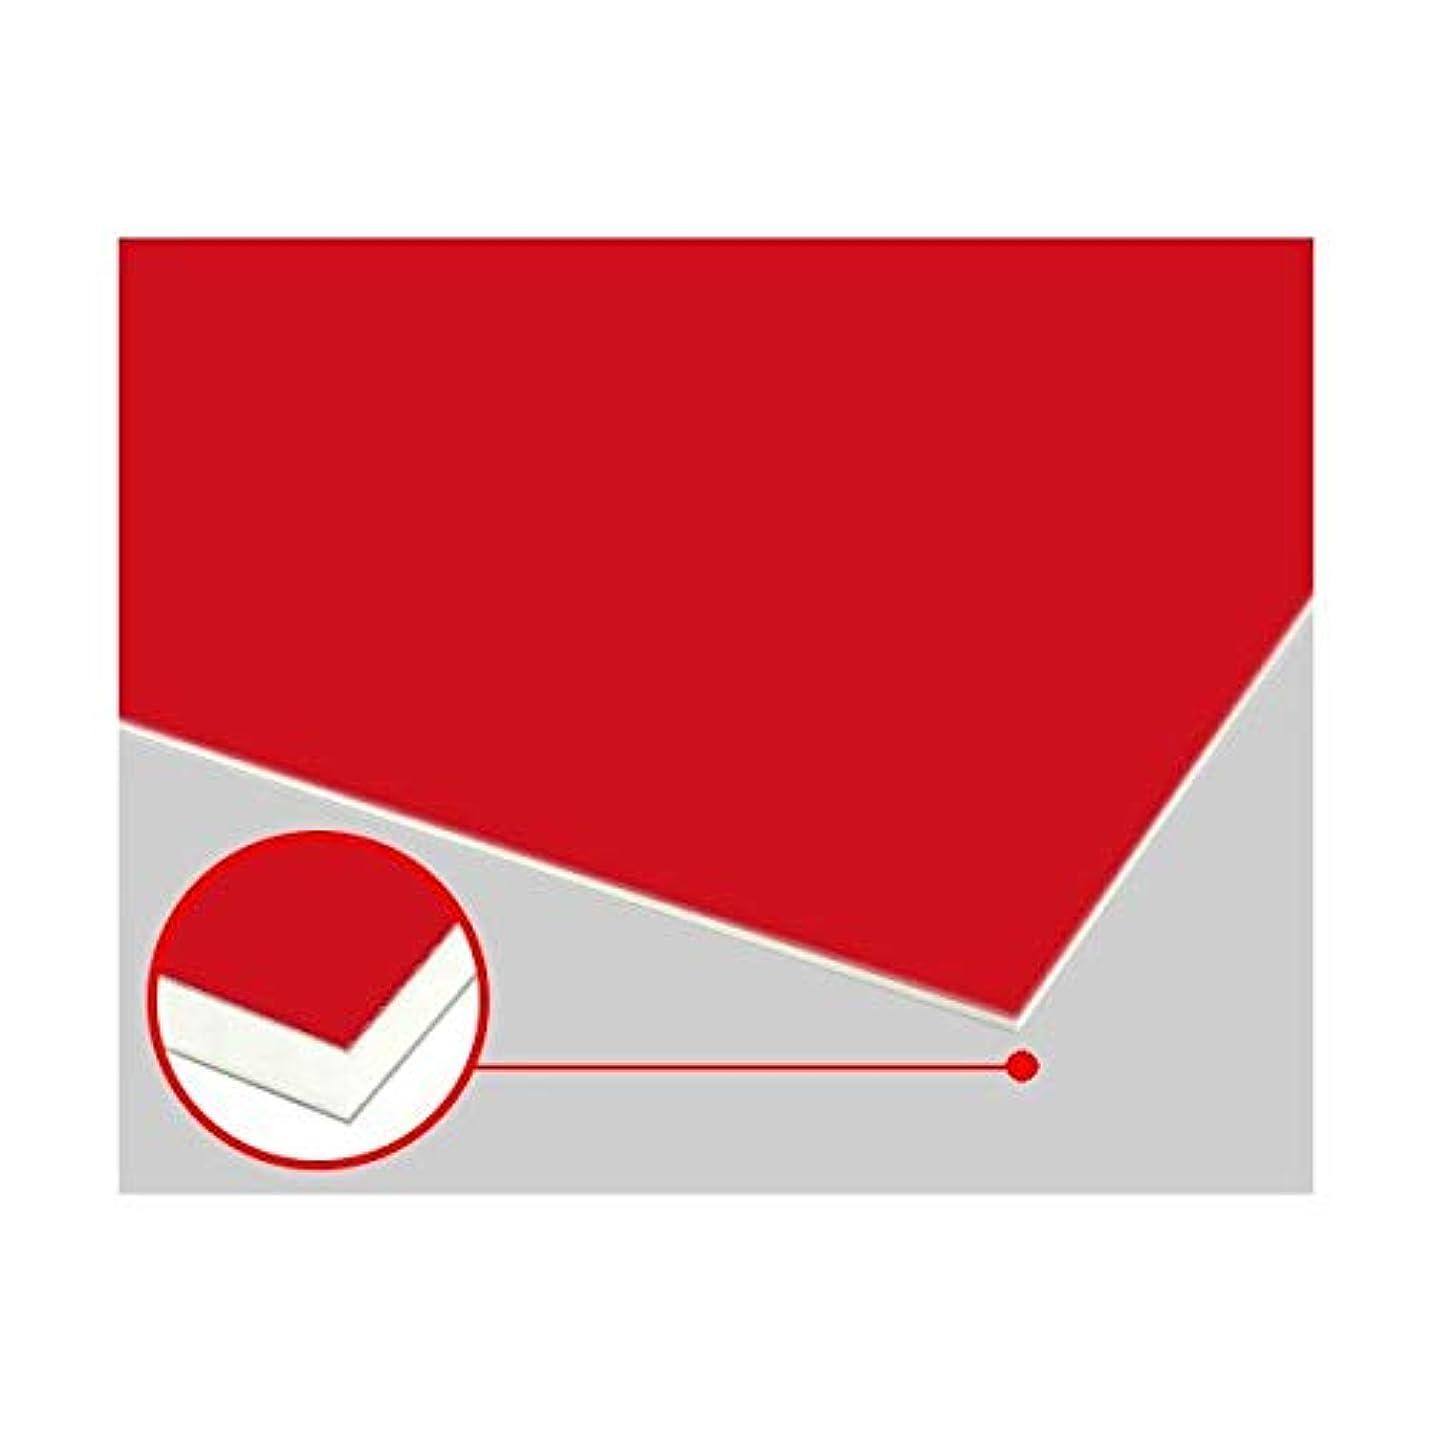 マラソン増加するインゲンアルミ複合板ソレイタ(両面レッド 艶あり/艶なし)3mm 300×600mm 縮小カット1枚無料 (メーカー規格板は法人限定出品に移行しました)